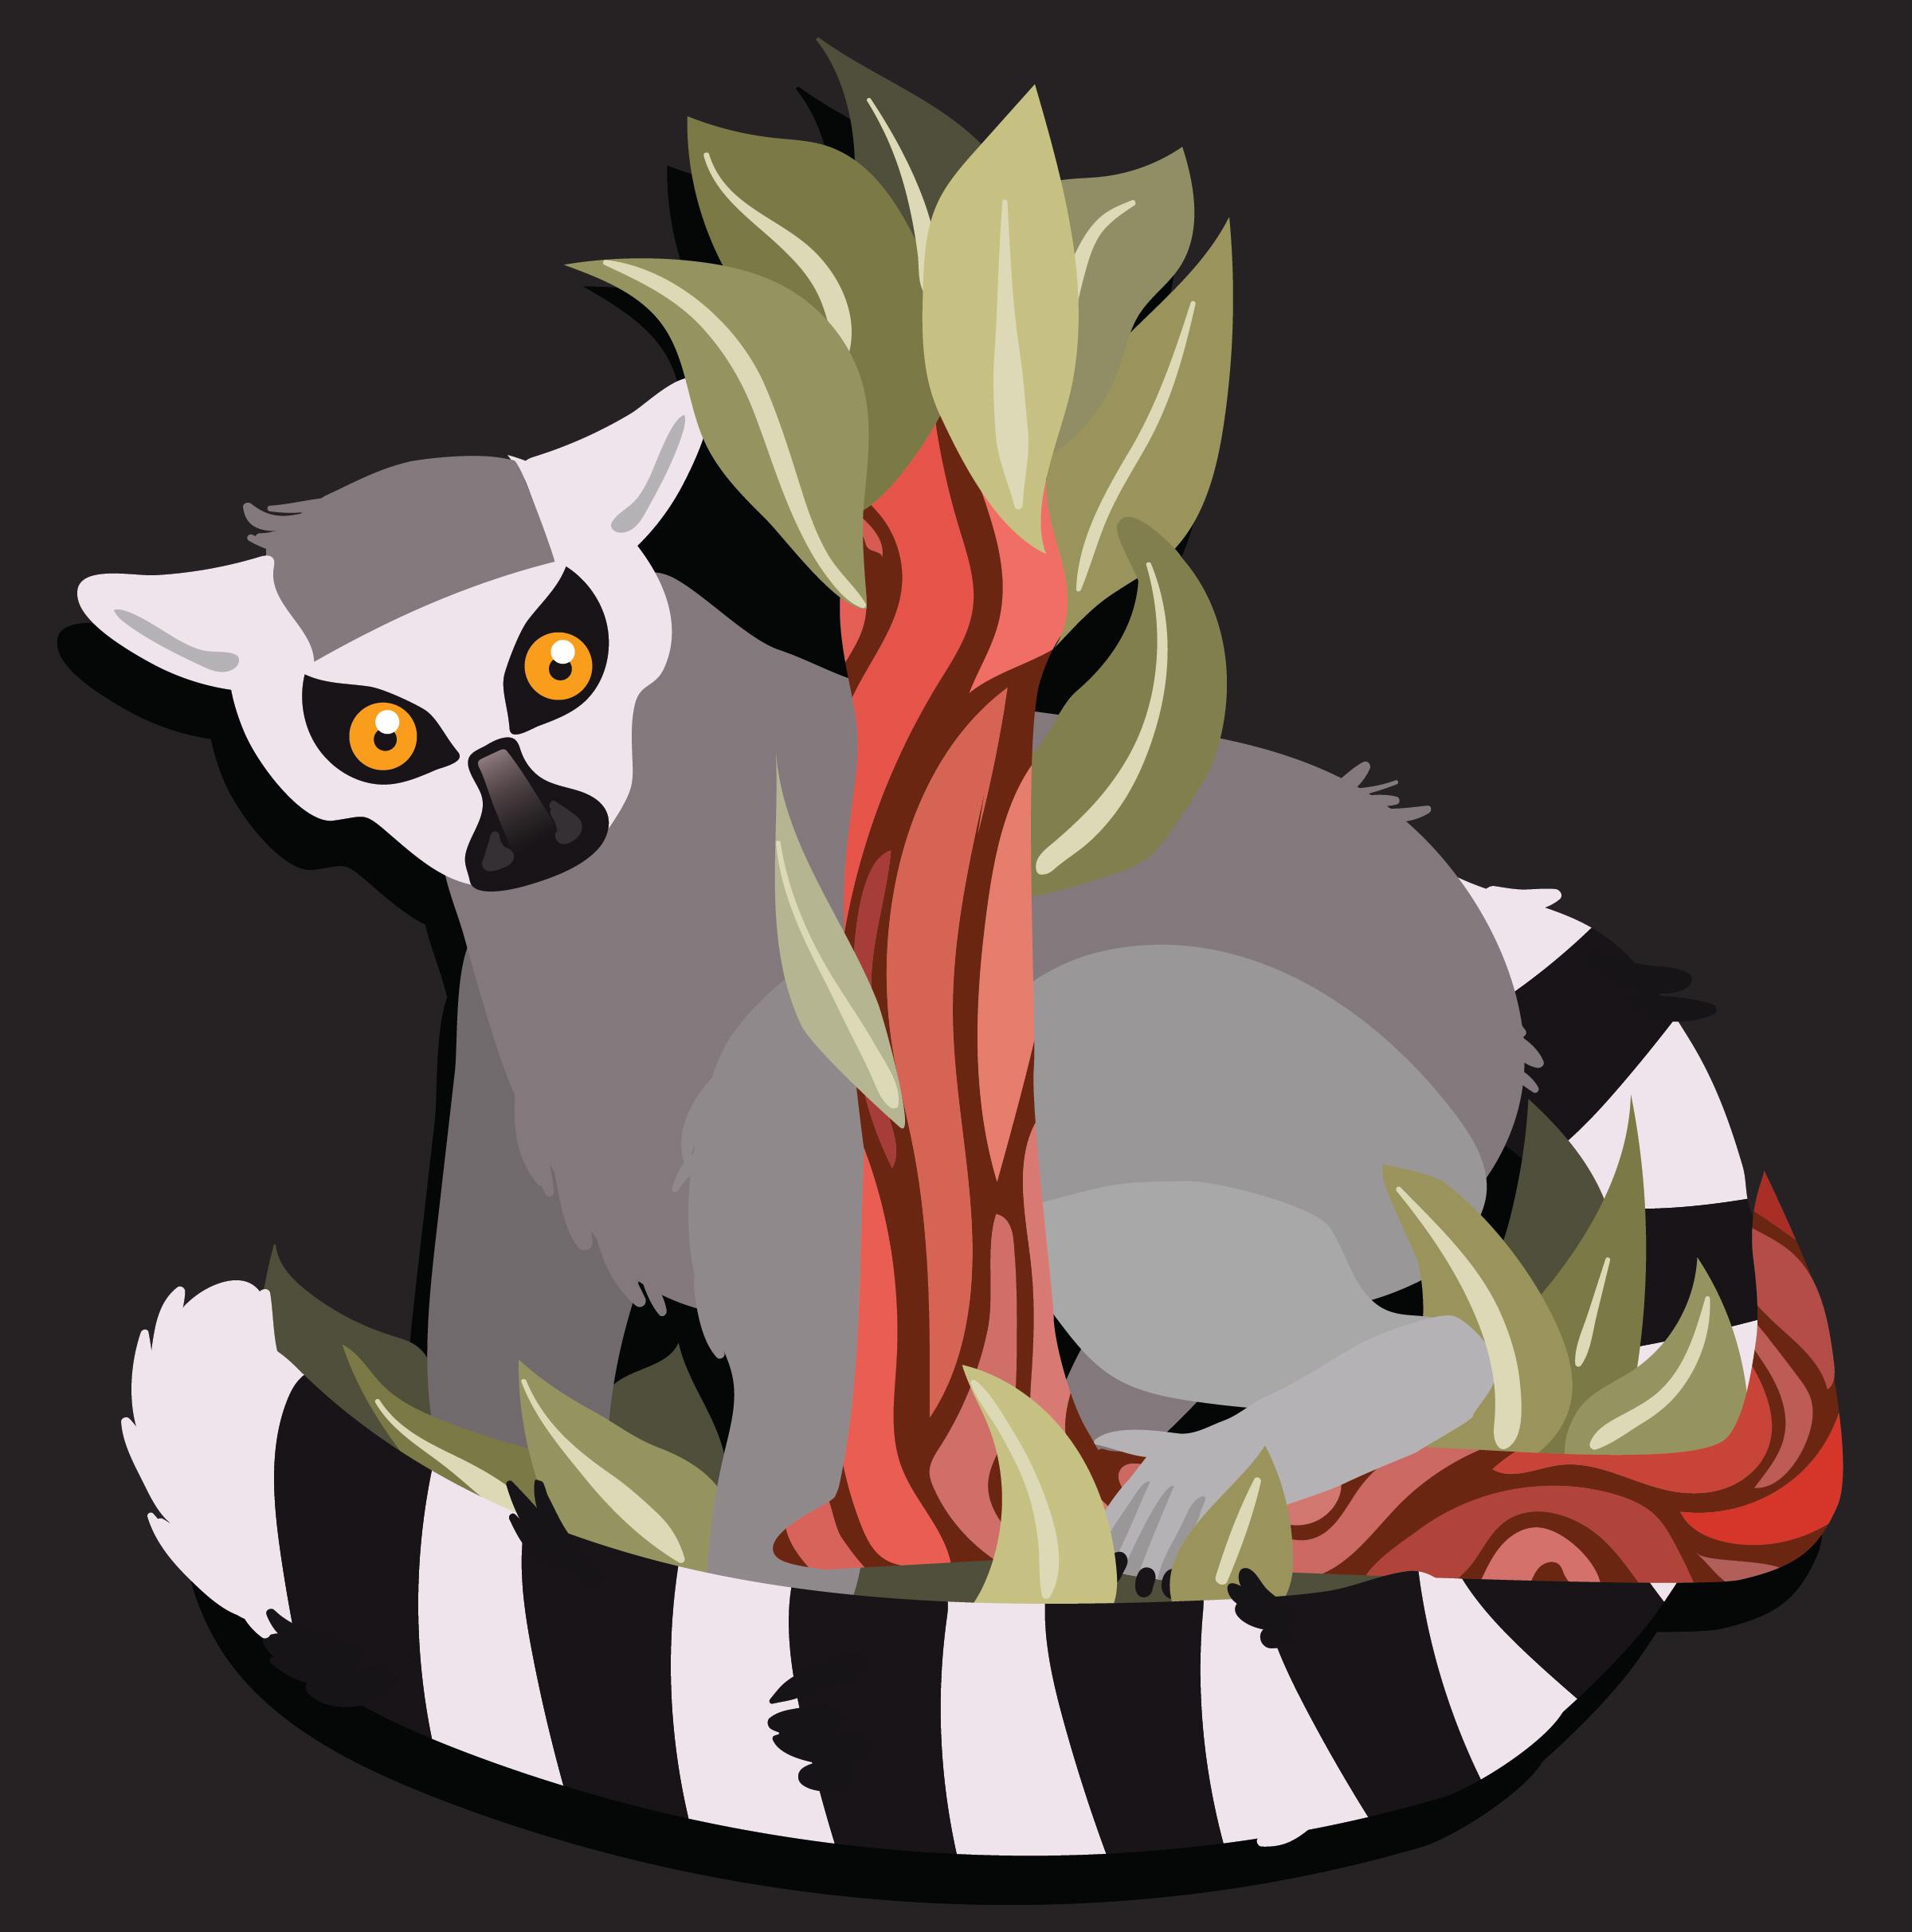 devon_george_assign12_lemur3.jpg